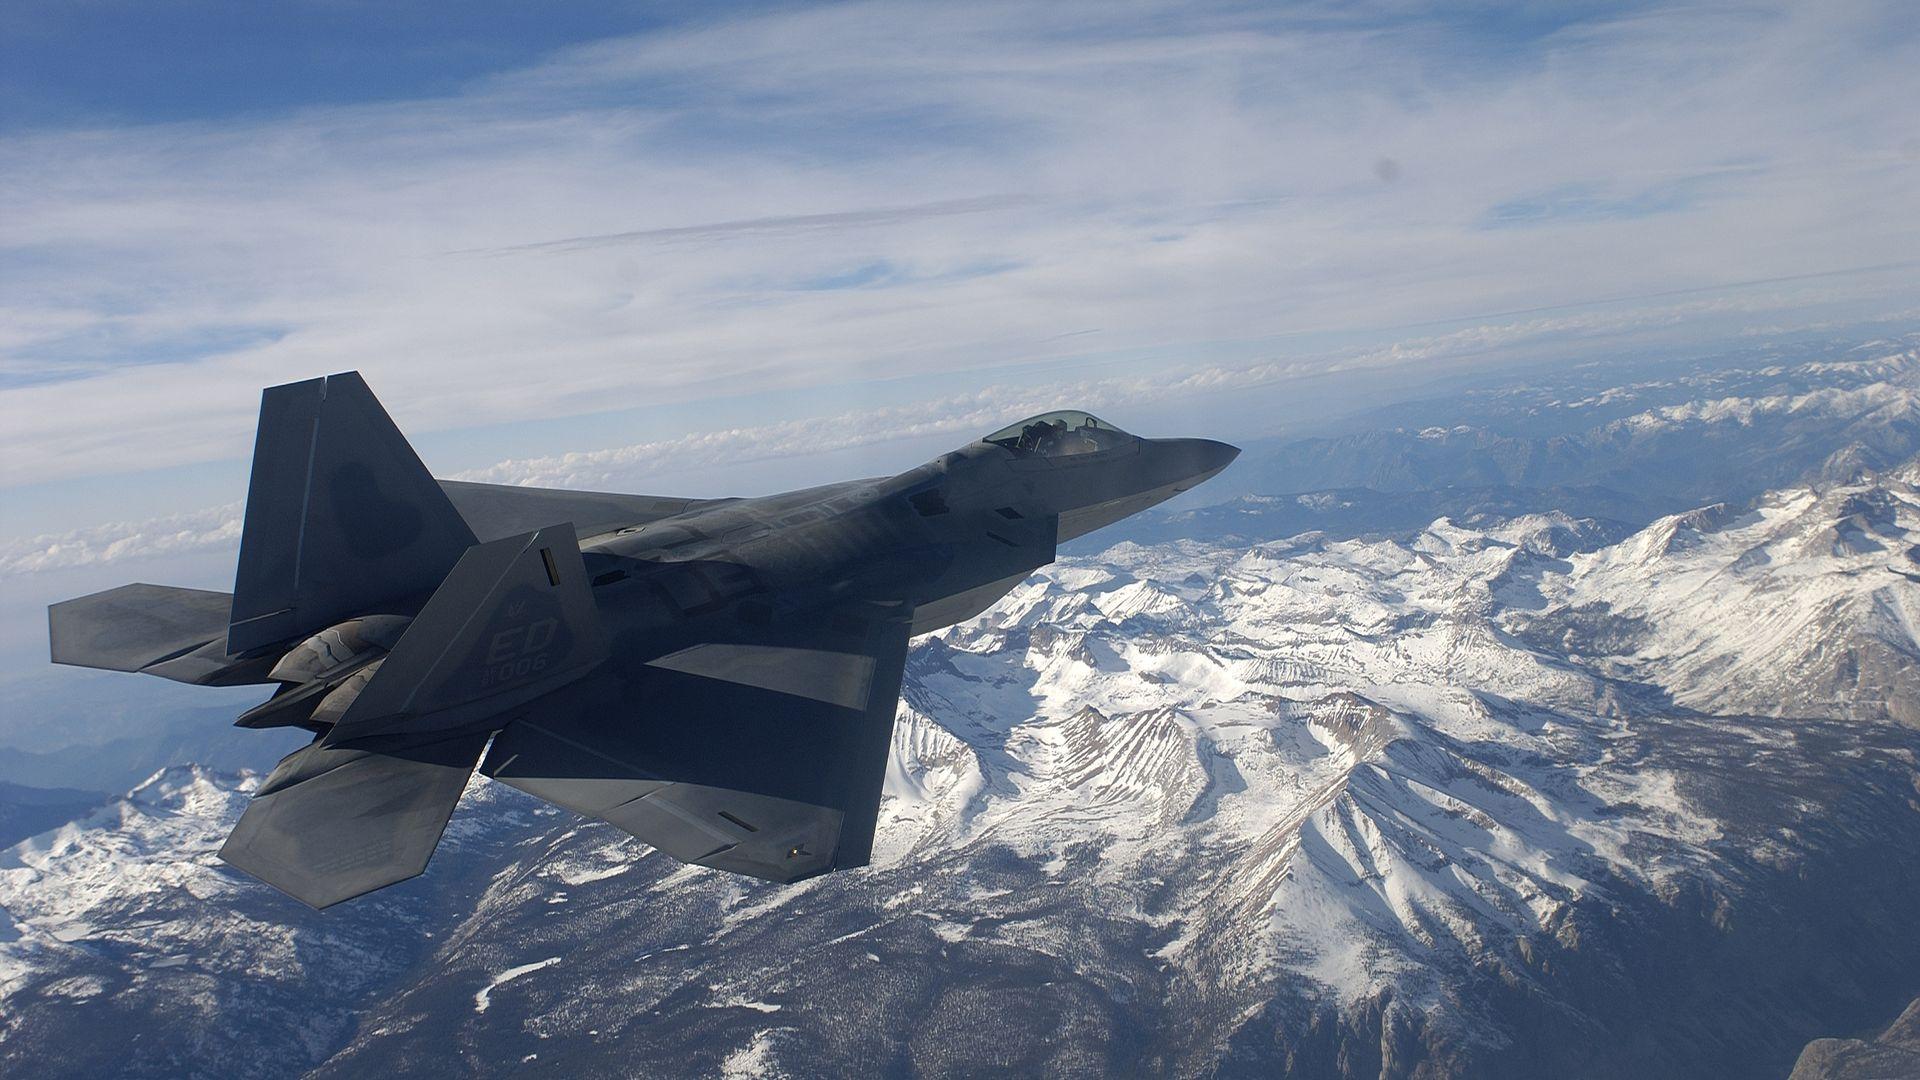 F-22 raptor jet